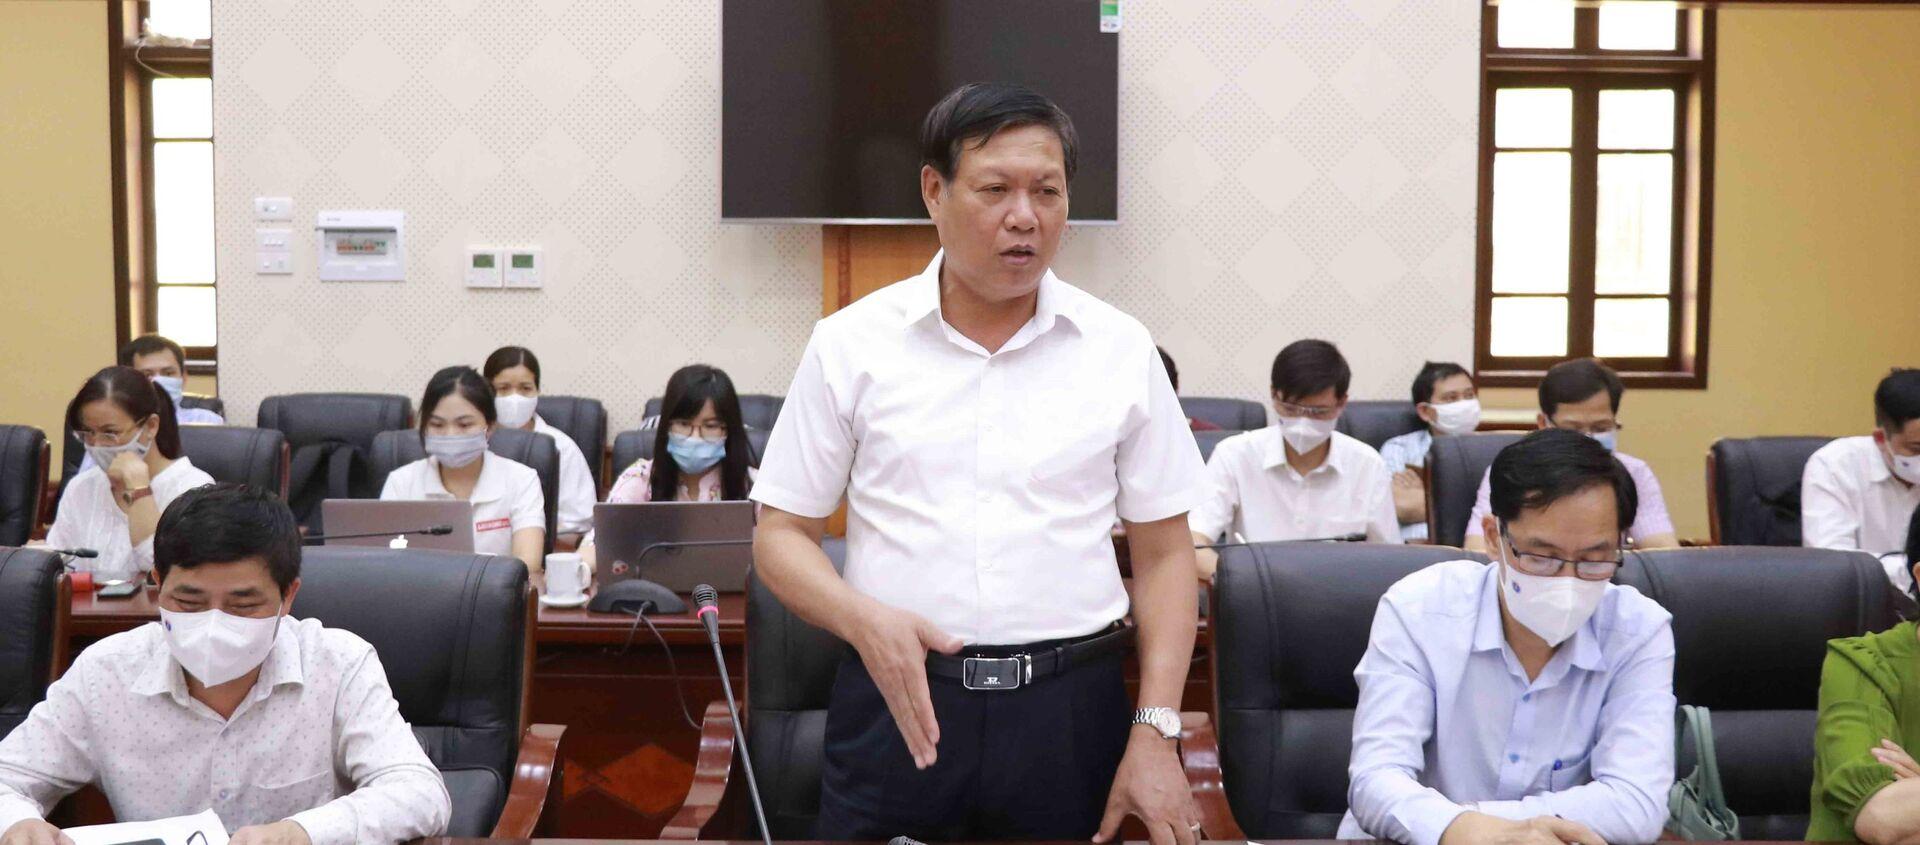 Thứ trưởng Bộ Y tế Đỗ Xuân Tuyên, Phó Trưởng Ban Chỉ đạo Quốc gia phòng, chống dịch COVID-19 phát biểu chỉ đạo tại buổi làm việc - Sputnik Việt Nam, 1920, 02.05.2021